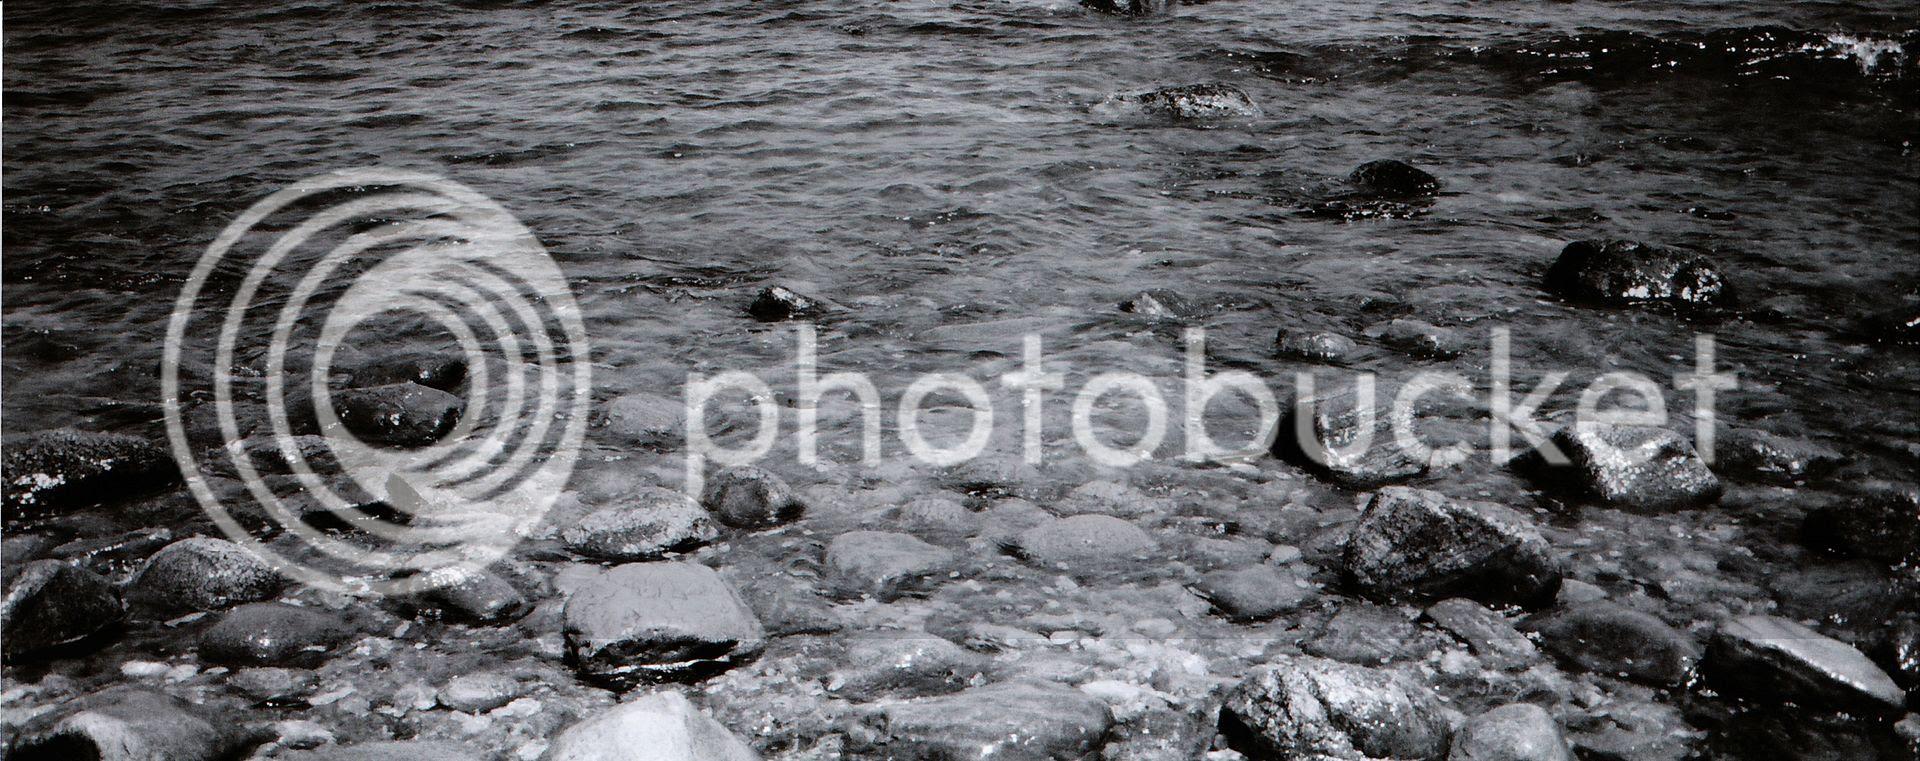 photo rocks_zpsf01d502e.jpg